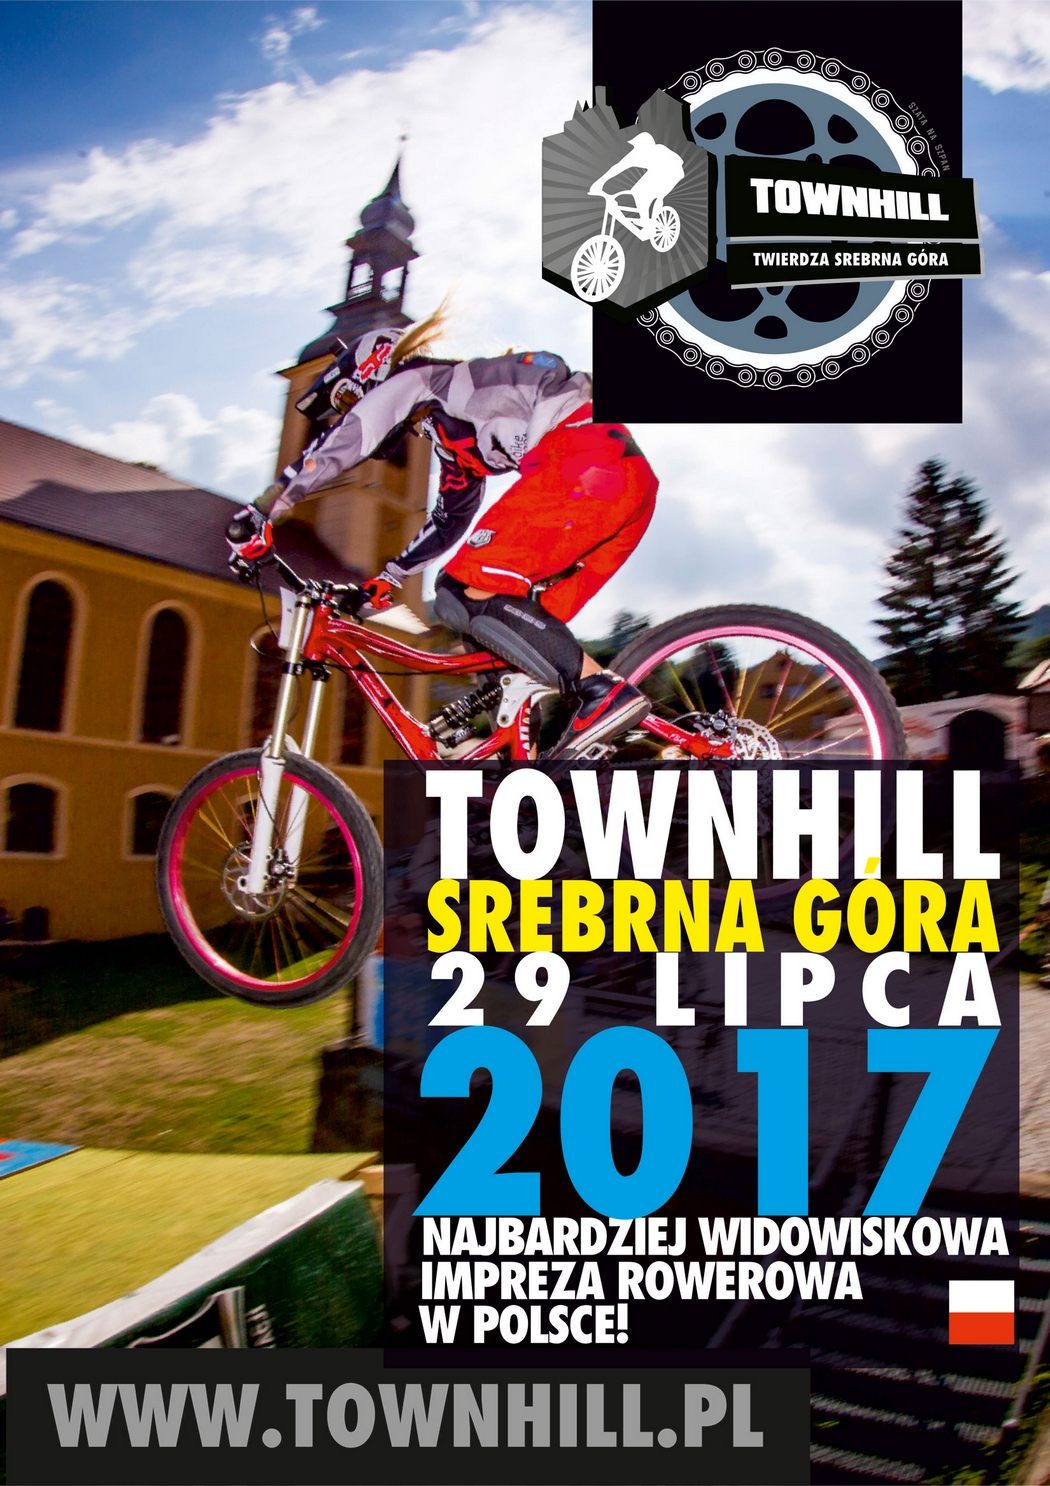 Townhill Srebrna Góra 2017